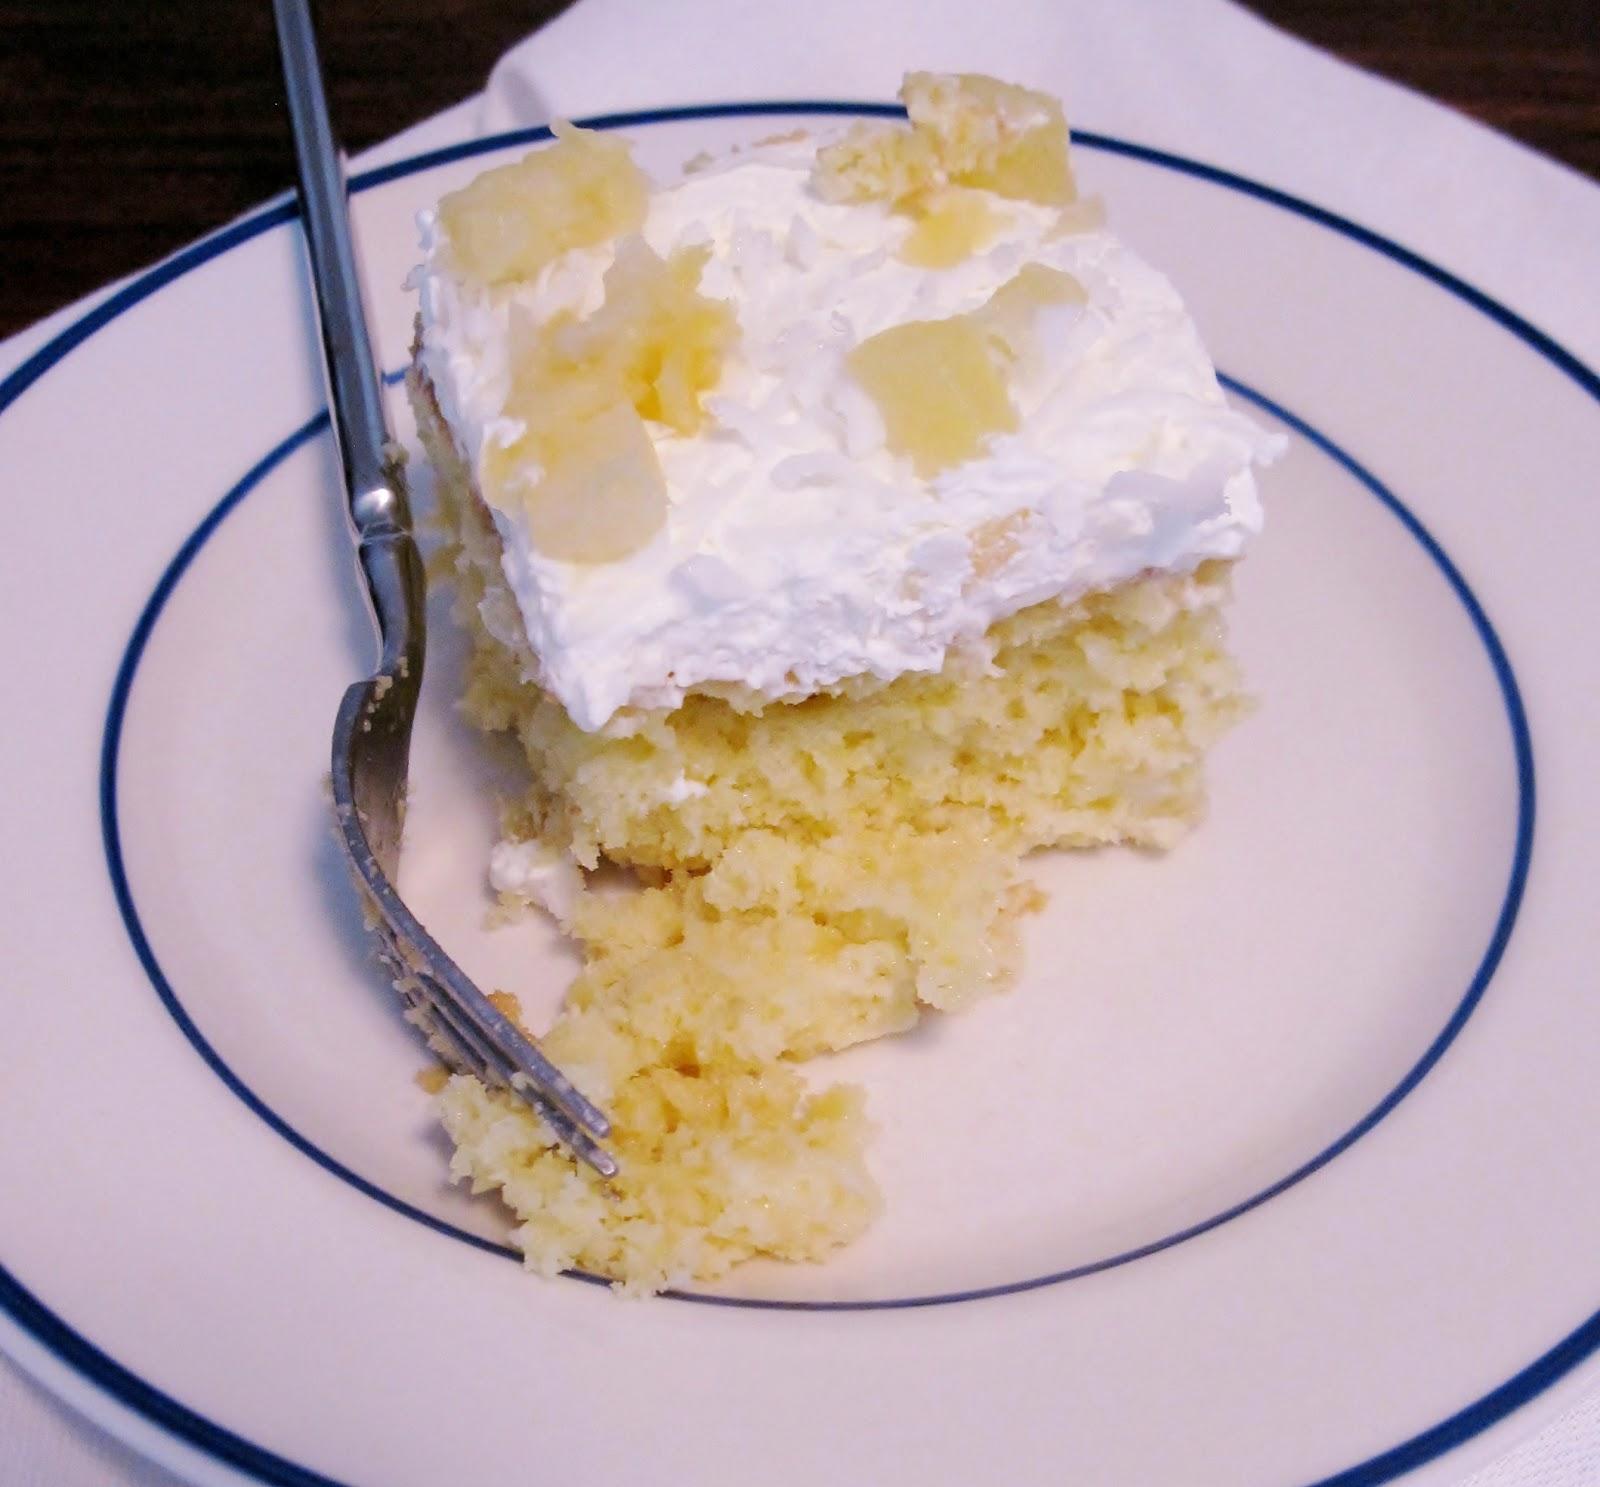 Pina colada cake and Proteas - a miusmie